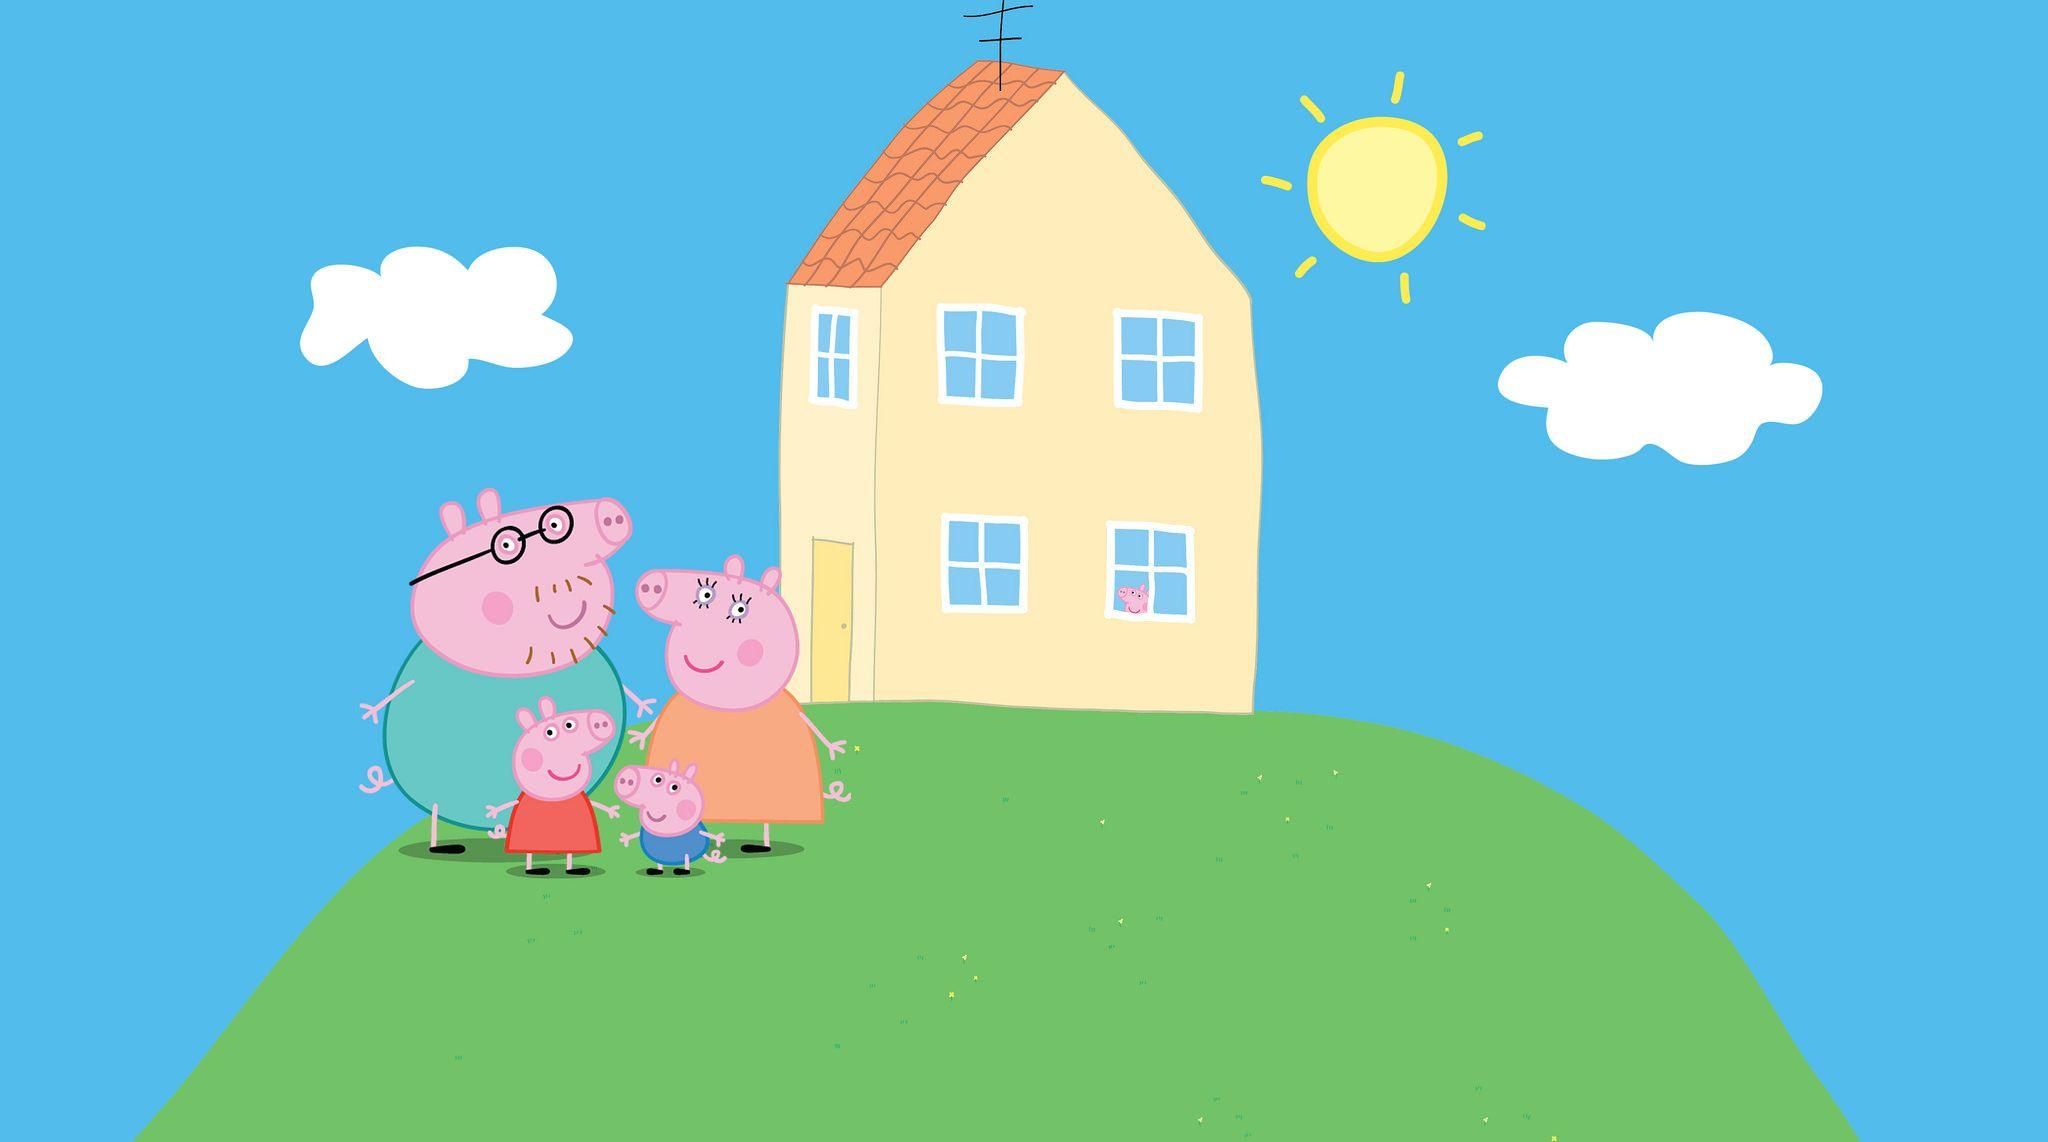 Peppa Pig Wallpaper - EnJpg